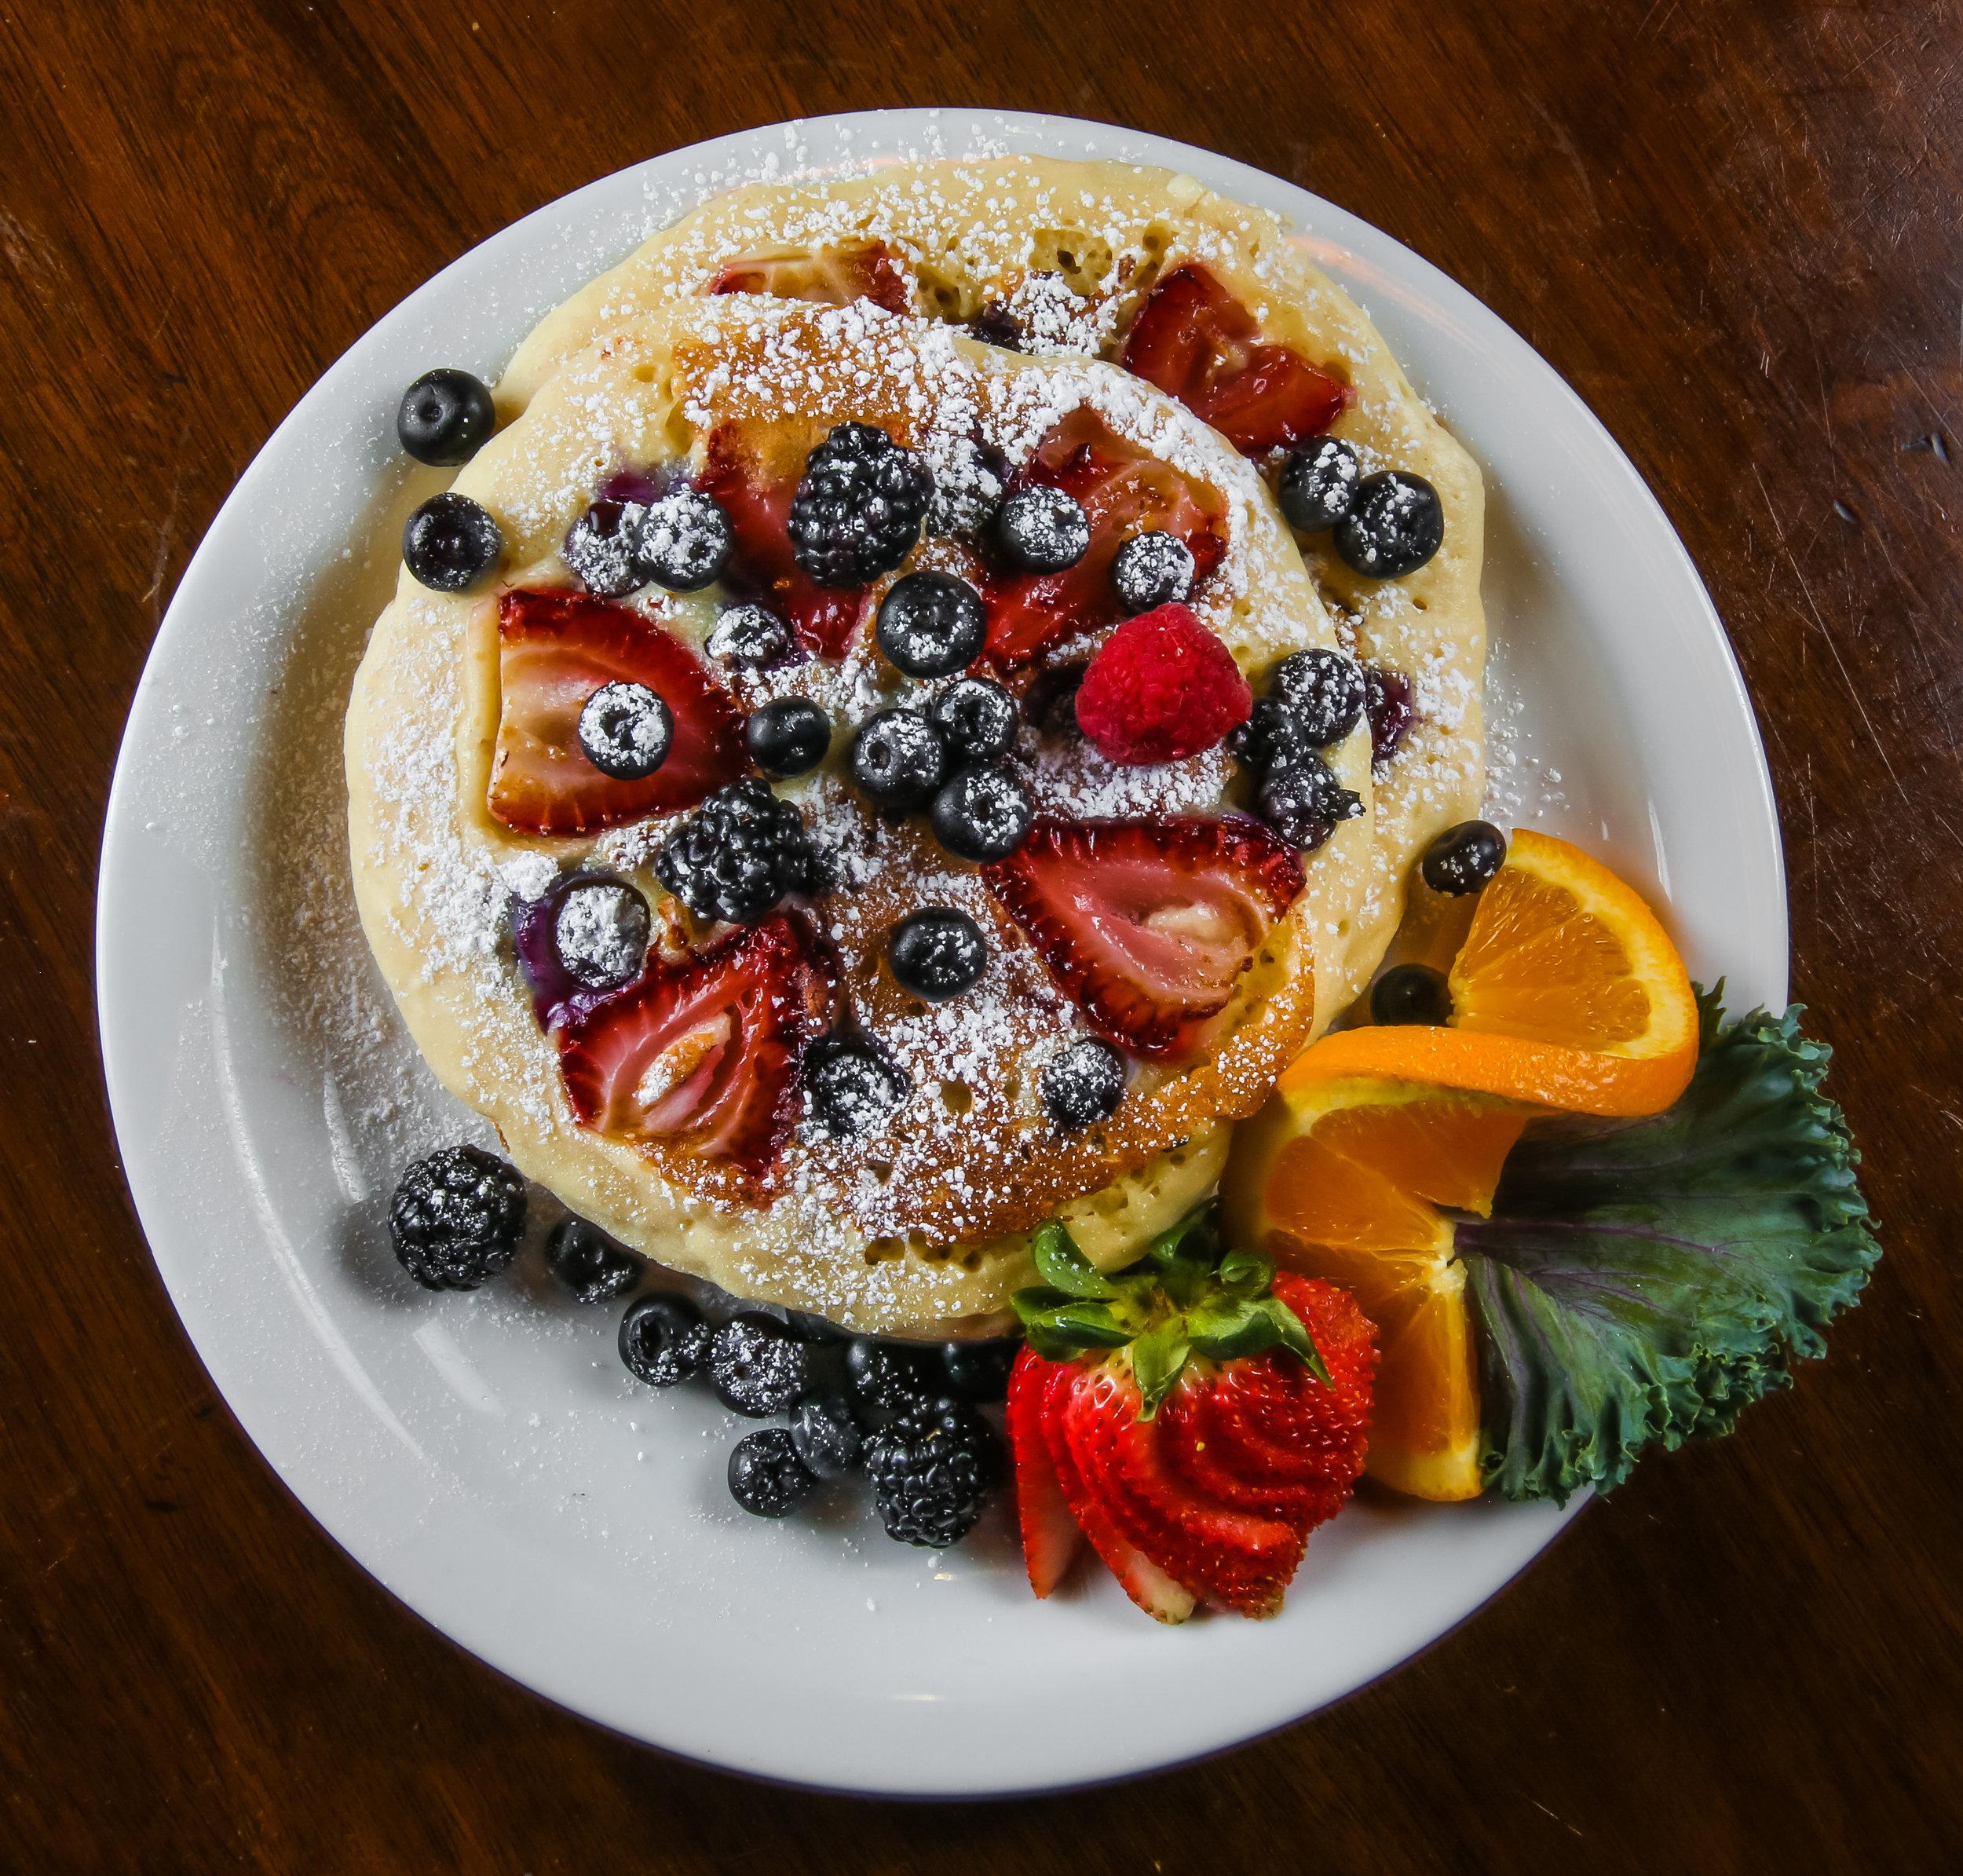 Juicys_Healthy_Plates (6 of 23).jpg